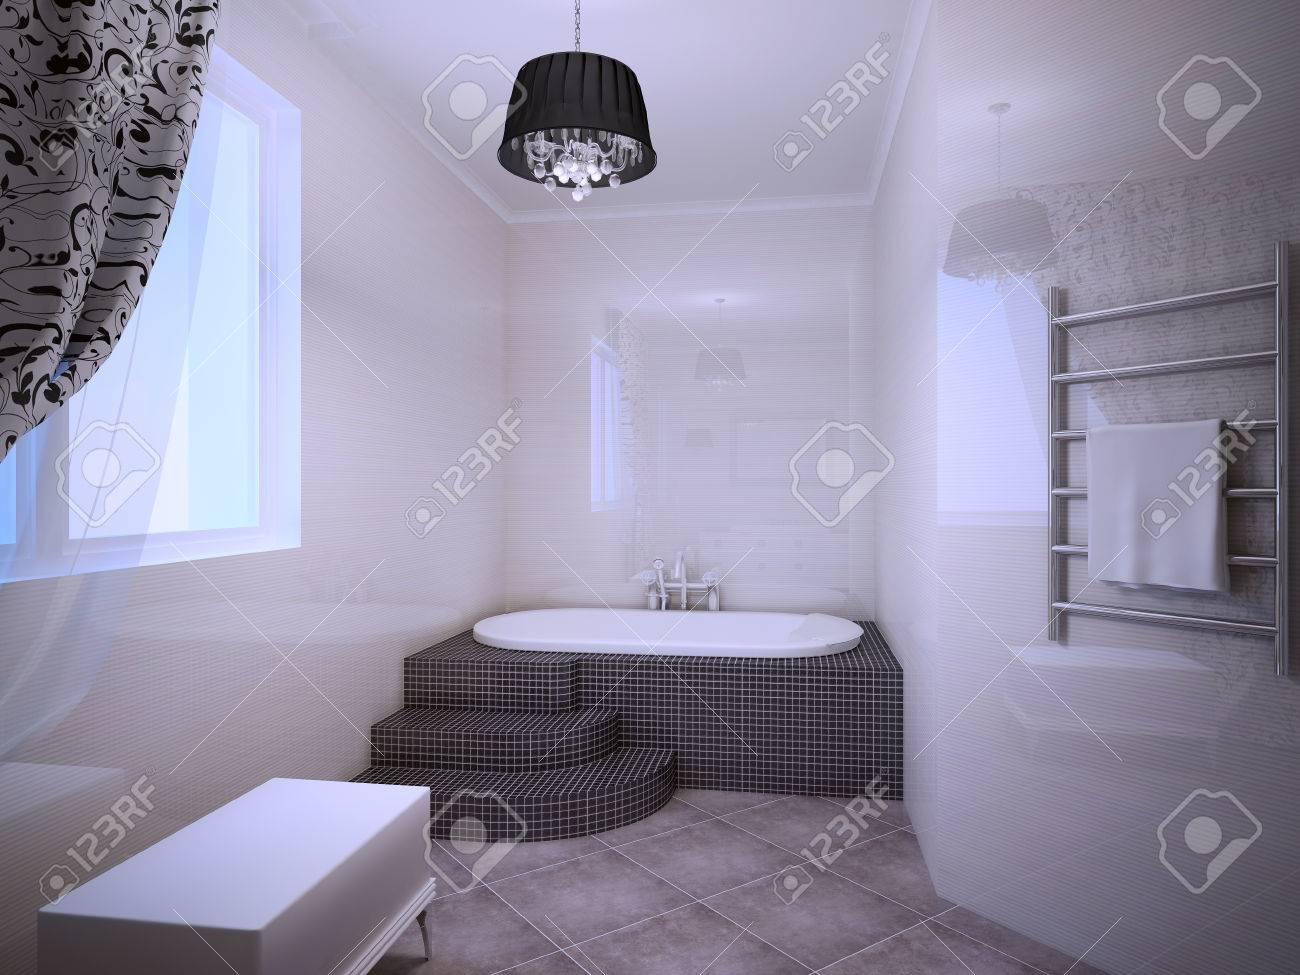 Schöne Badezimmer Mit Jacuzzi Im Art-Deco-Stil. Leichter ...